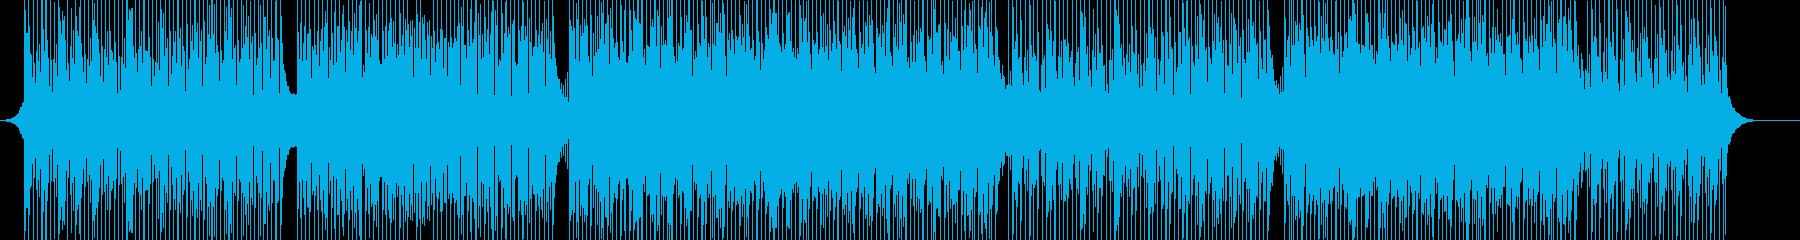 希望・開幕-爽やか-未来-前進-風-映像の再生済みの波形